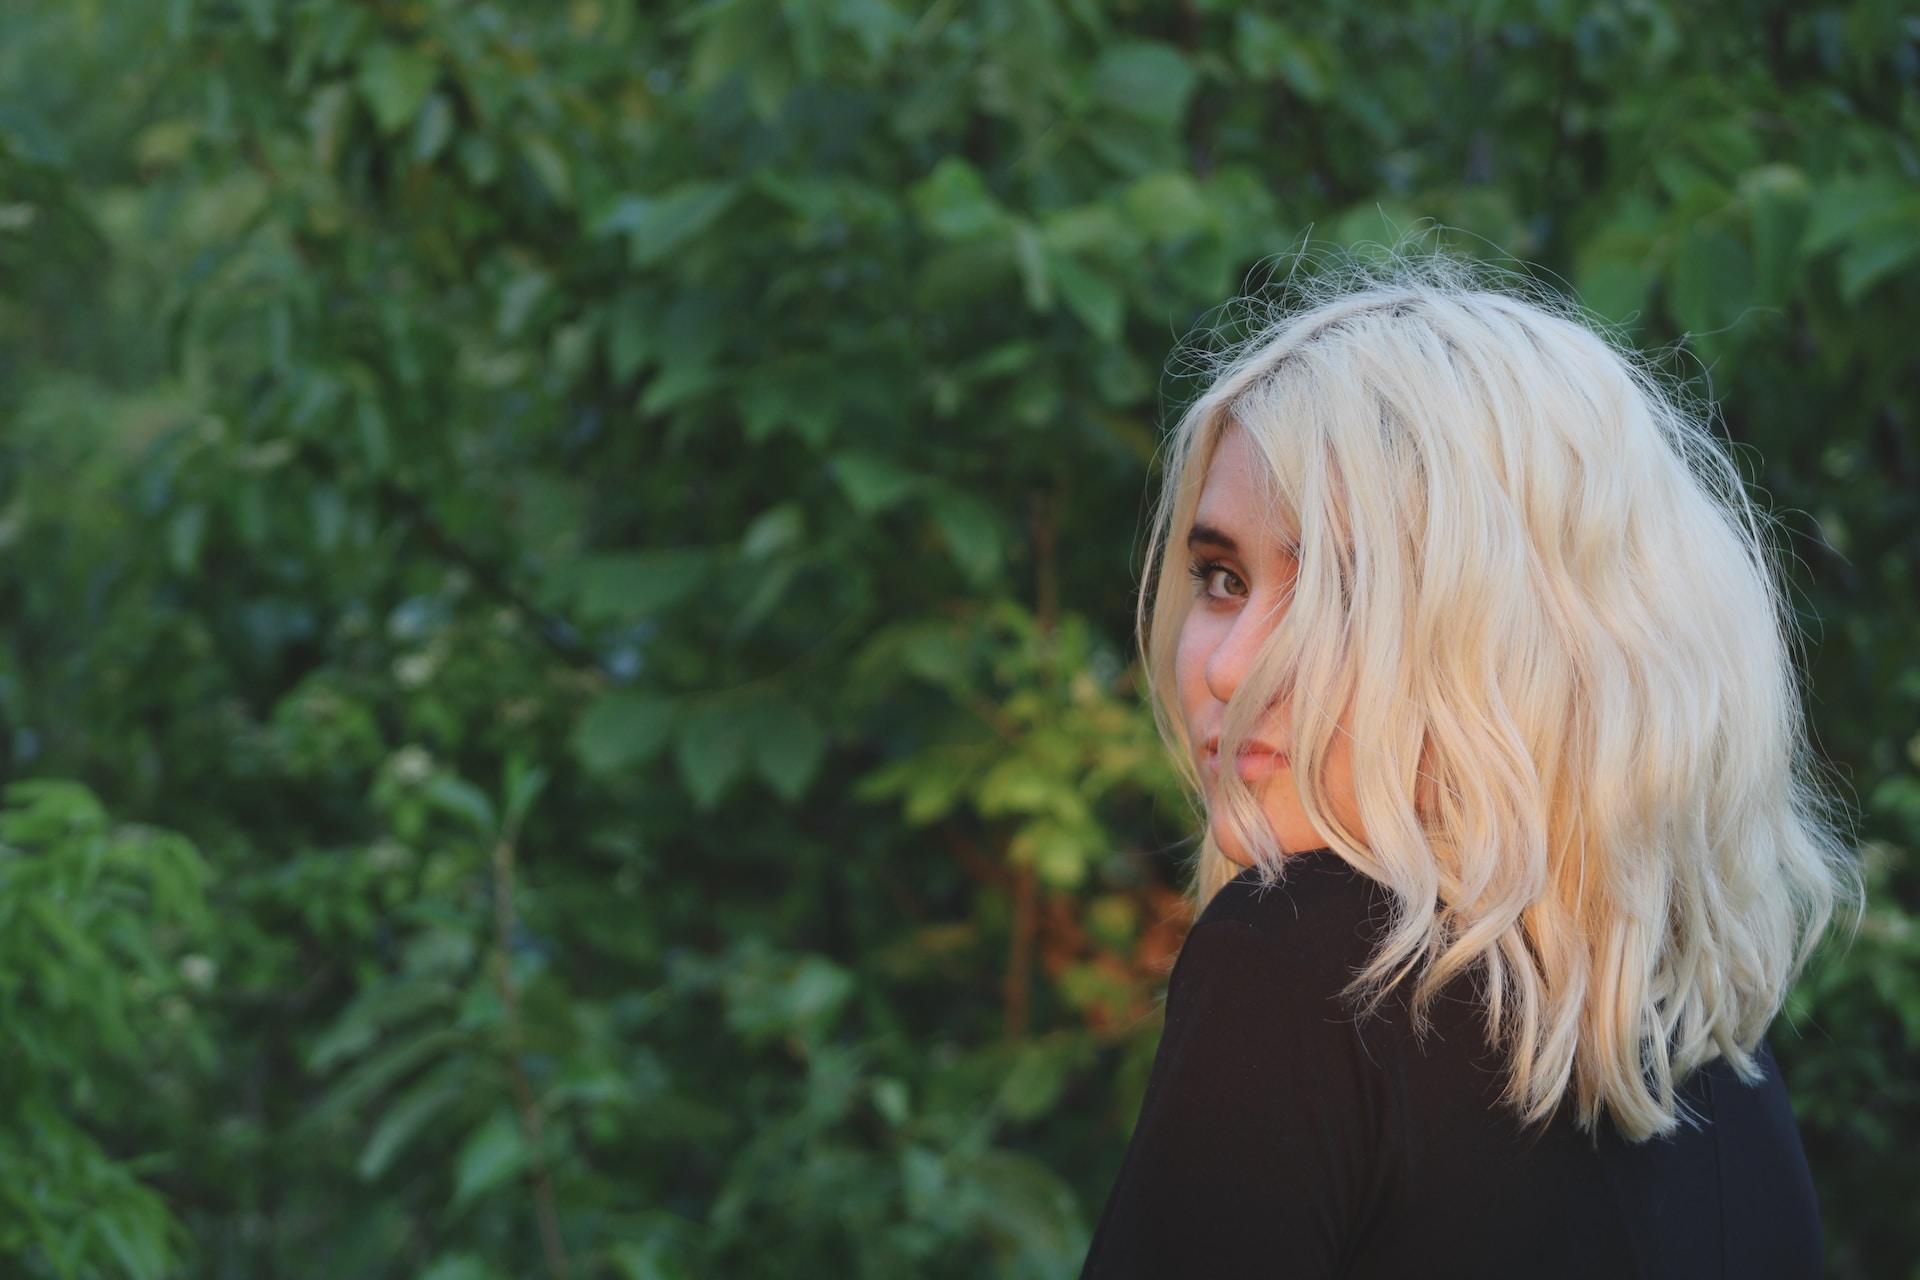 woman in black top looking back